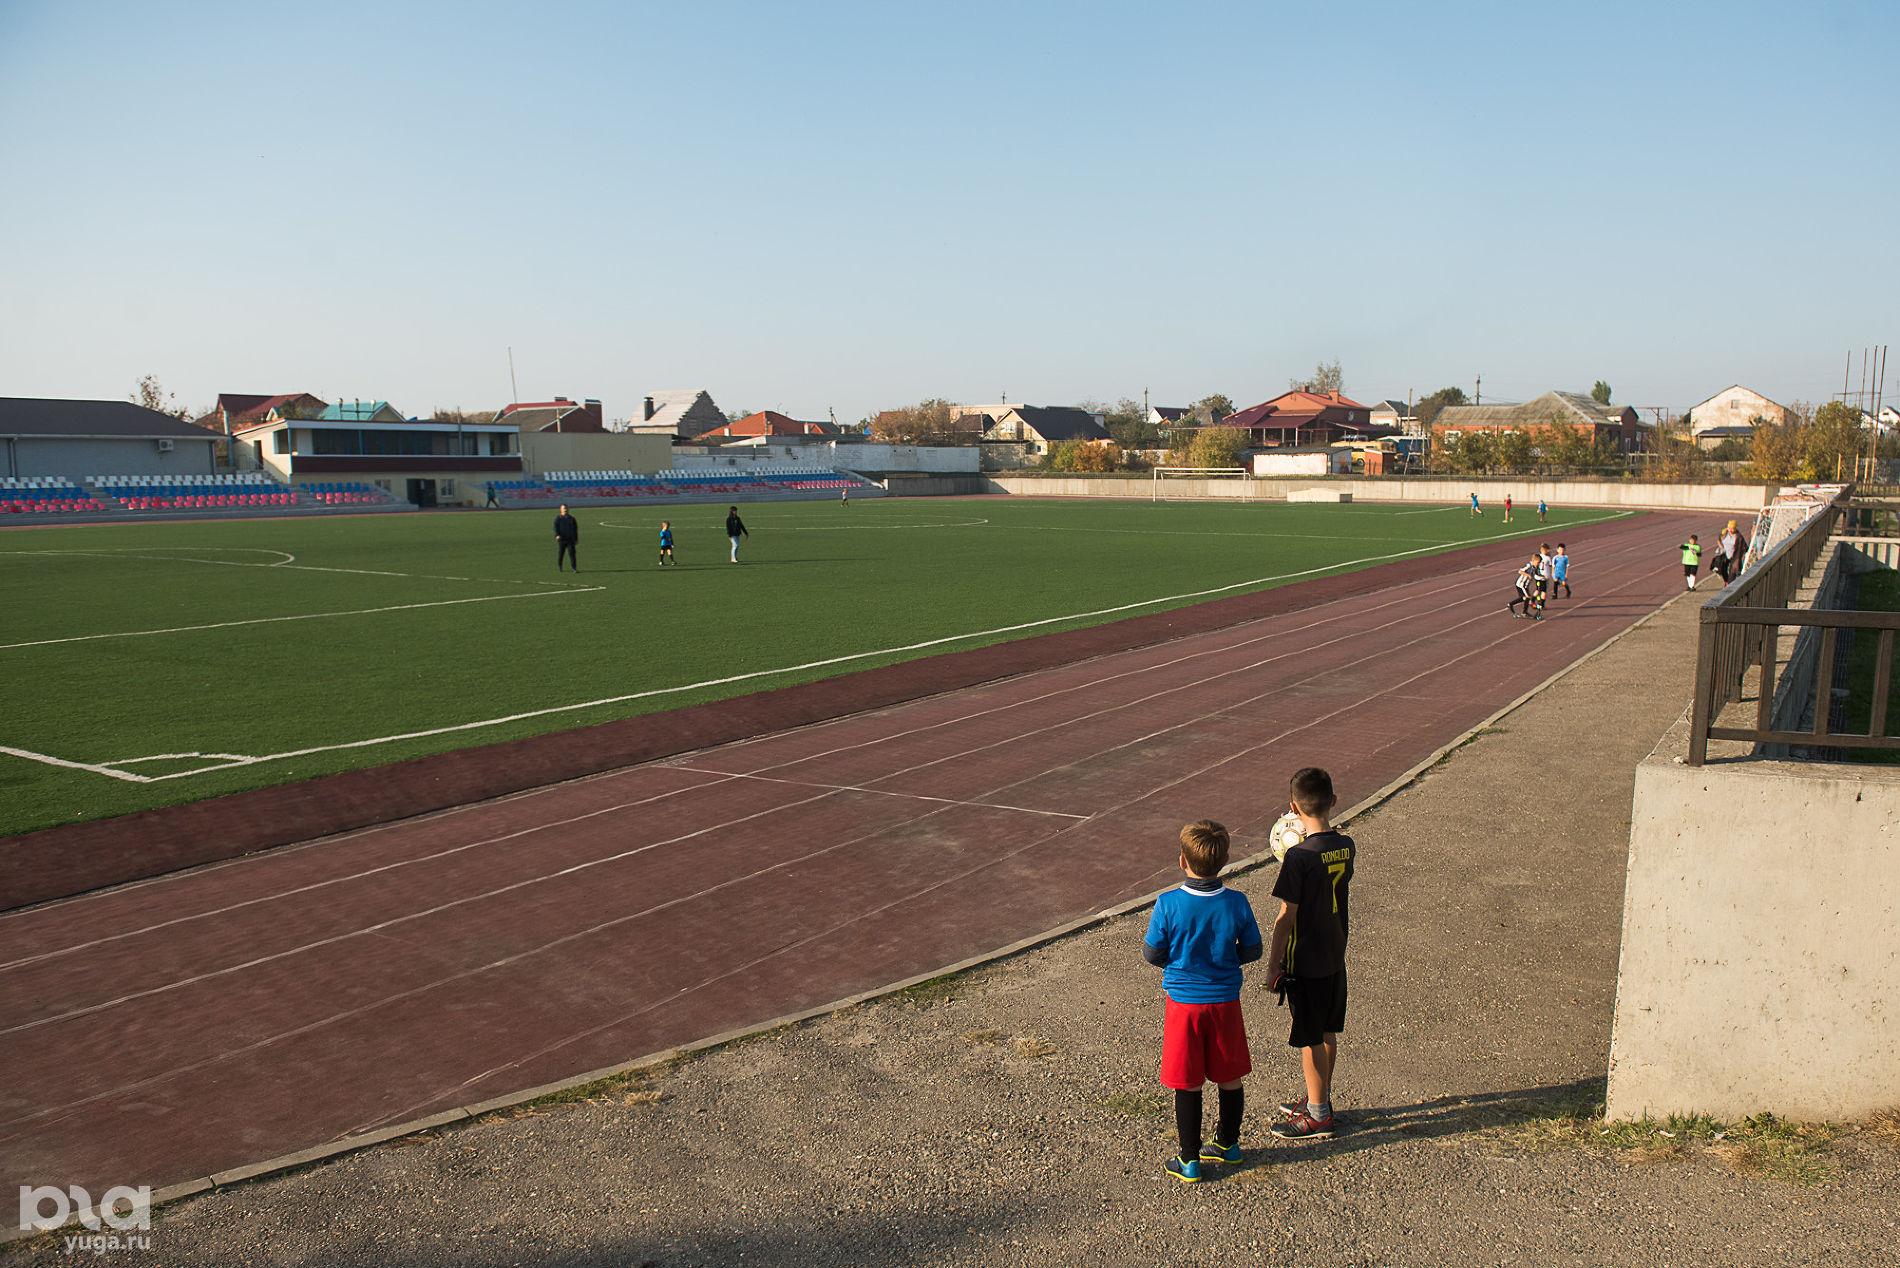 Стадион в Темрюке ©Фото Елены Синеок, Юга.ру